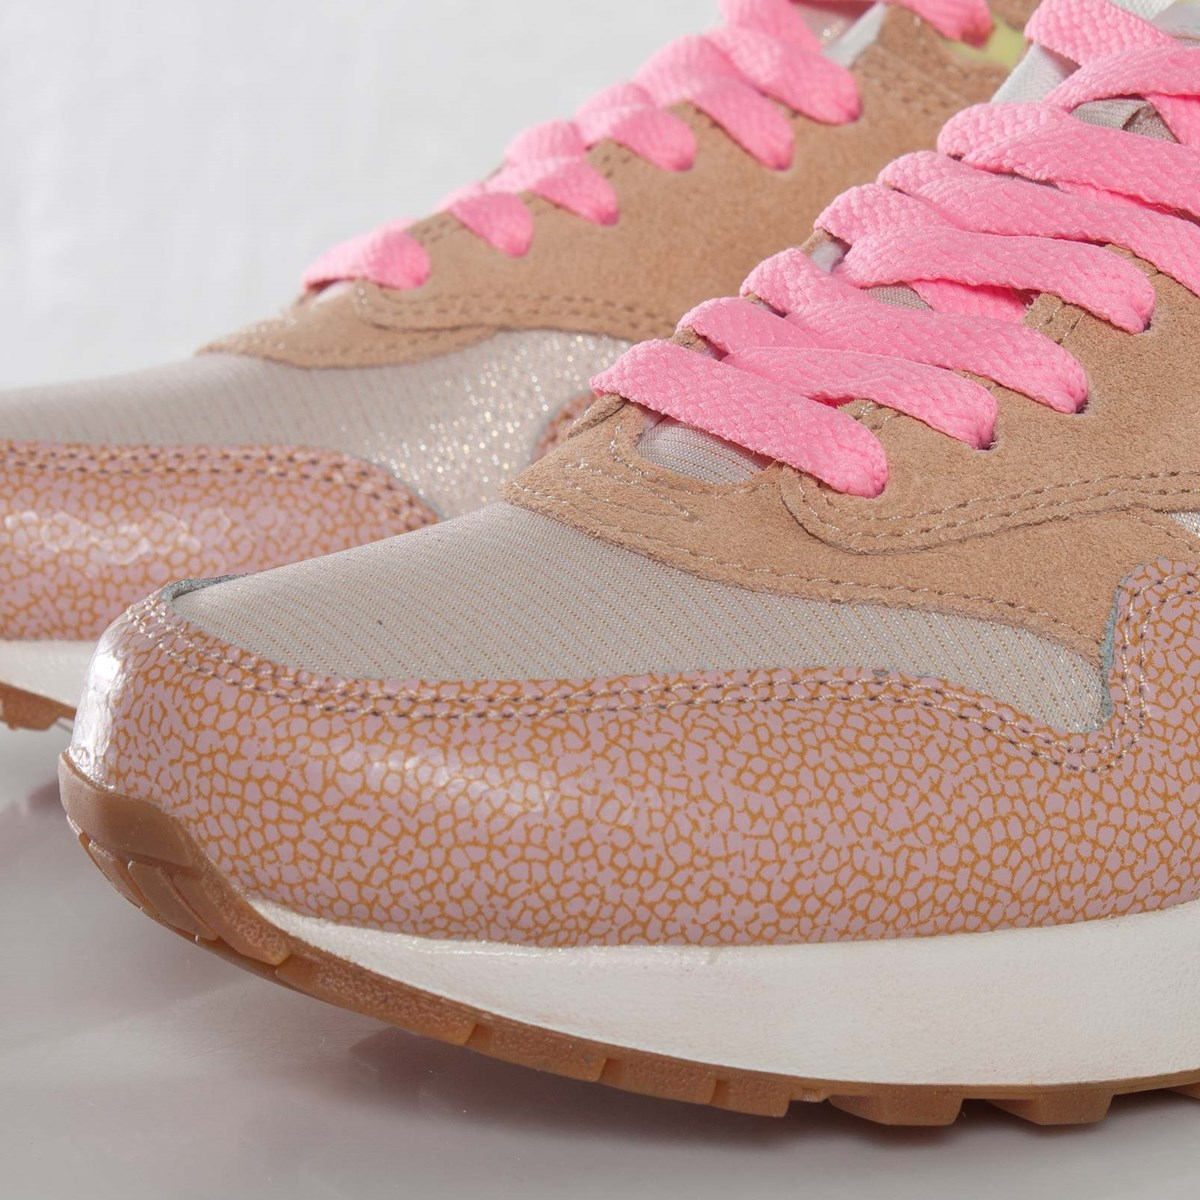 best sneakers 39be0 3c706 Nike Wmns Air Max 1 Premium - 454746-201 - Sneakersnstuff   sneakers    streetwear online since 1999